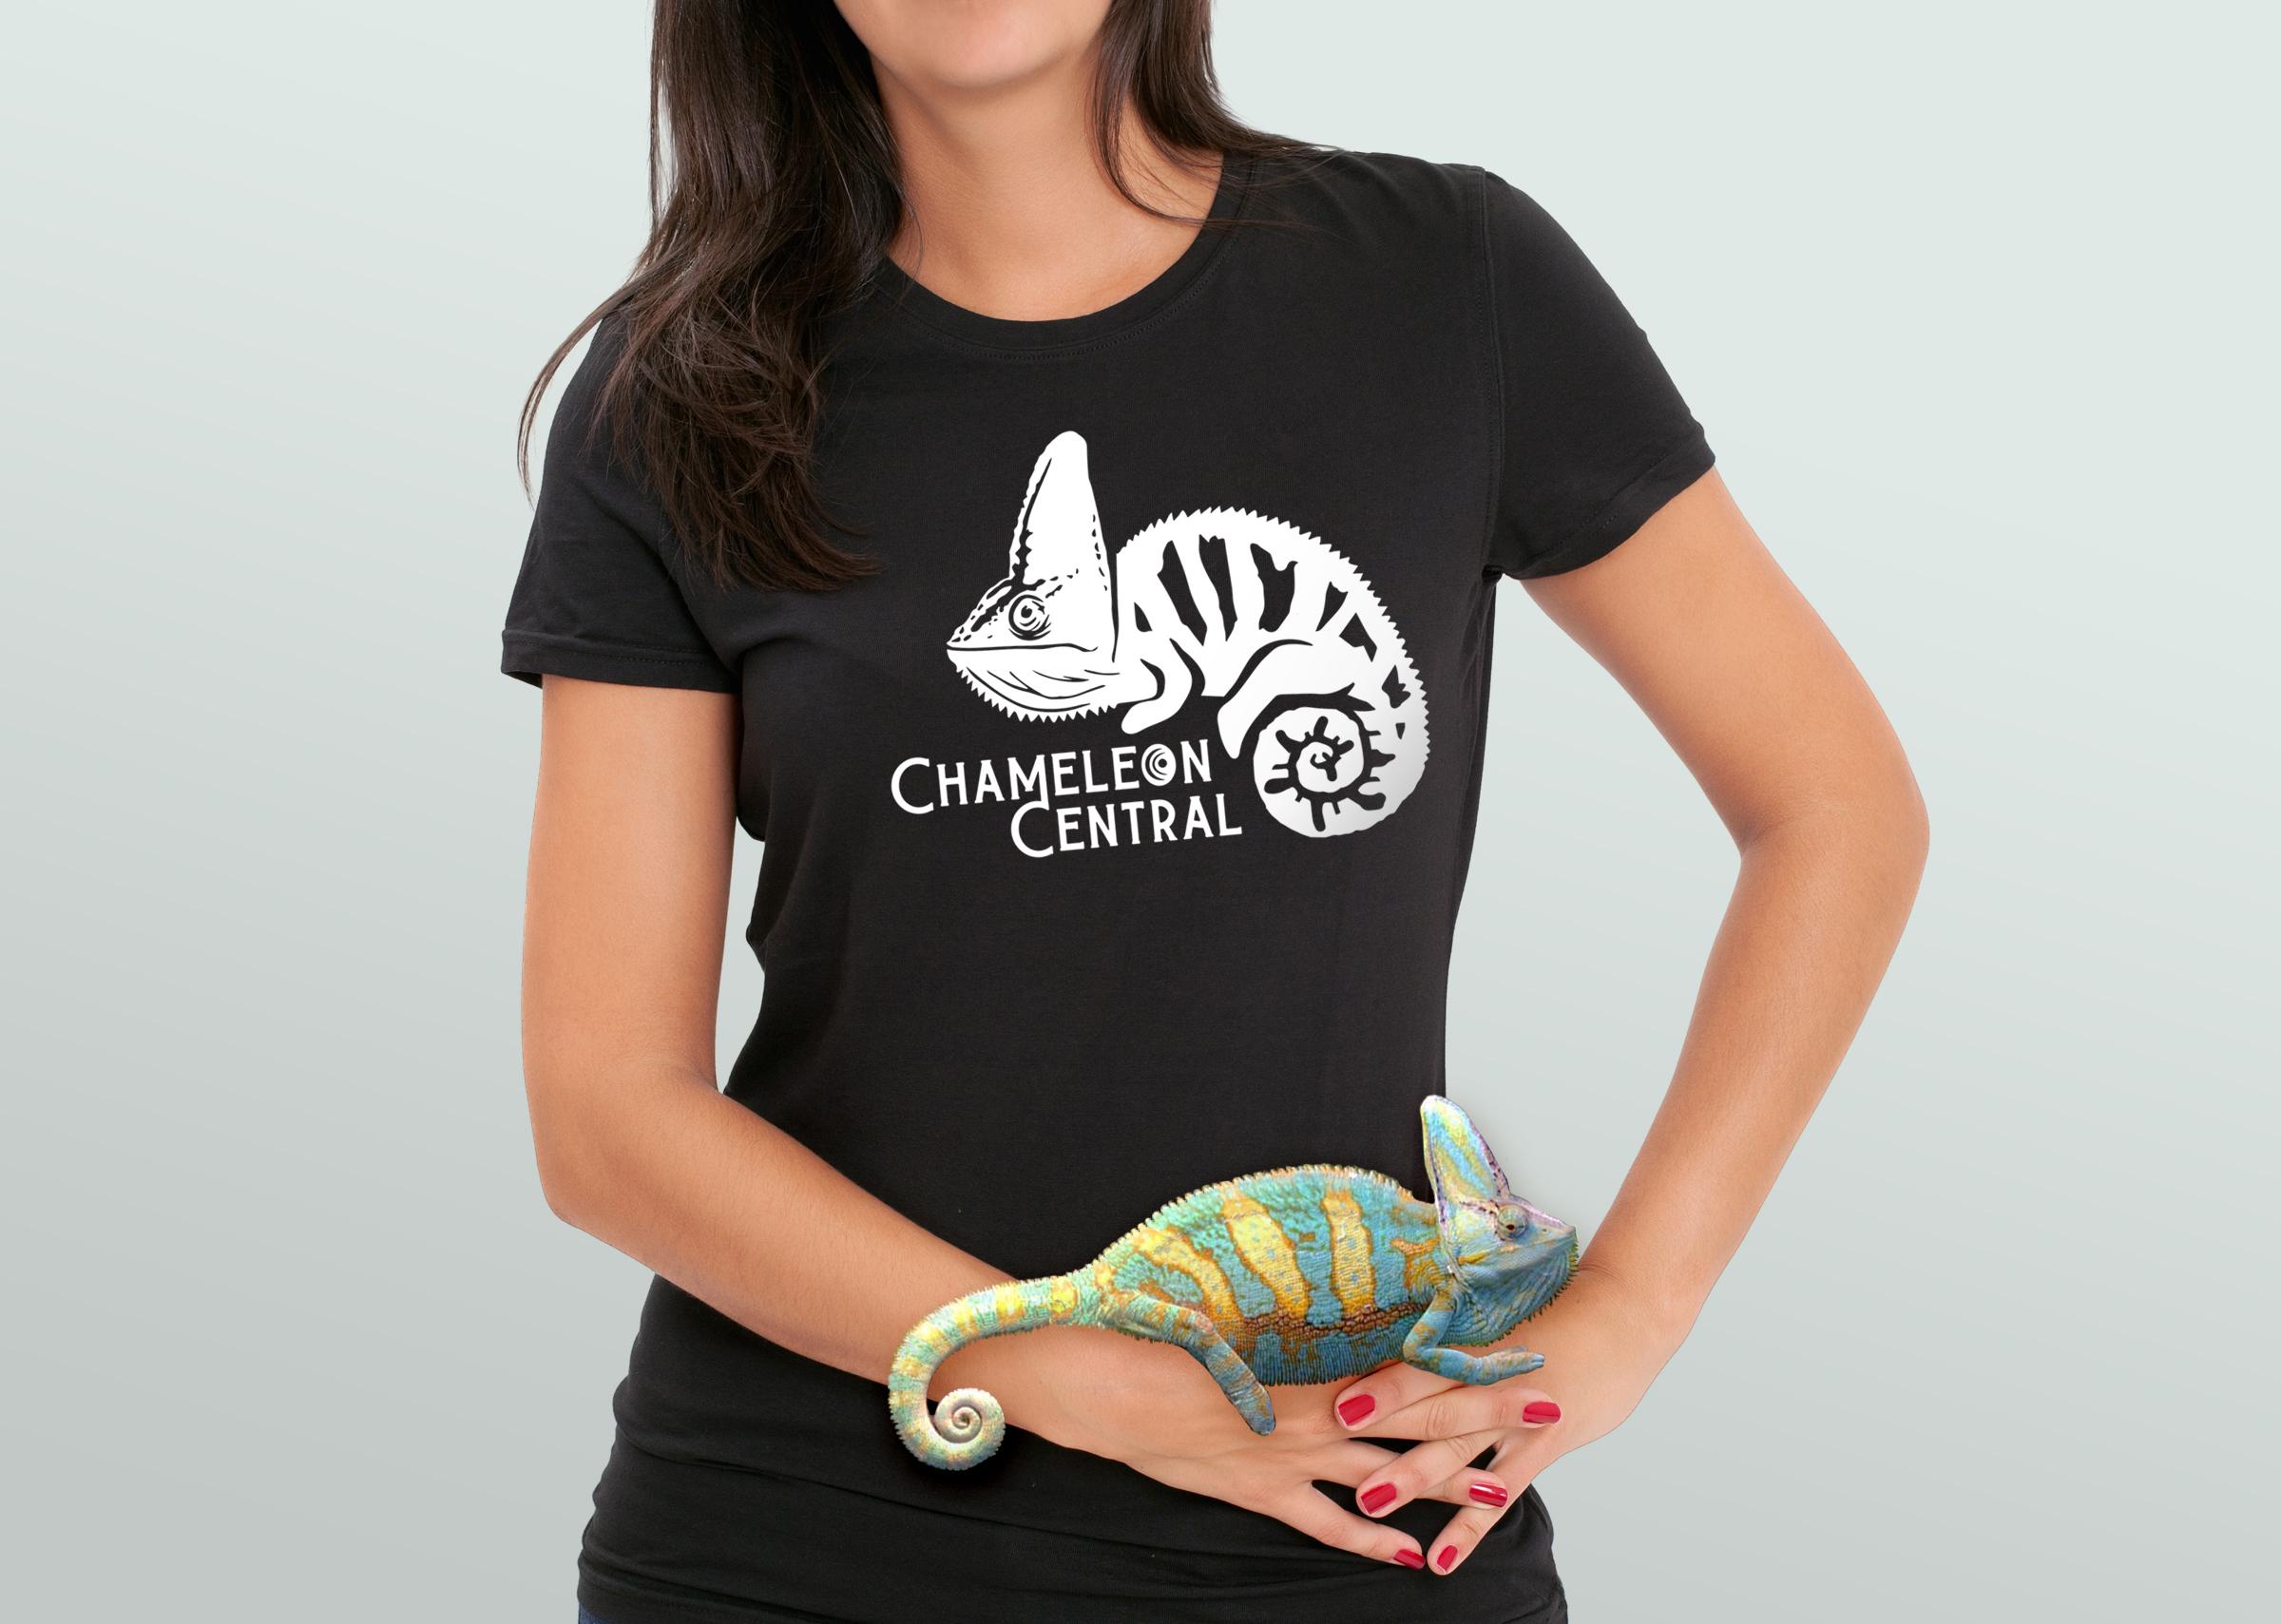 Chameleon Central Veiled Shirt